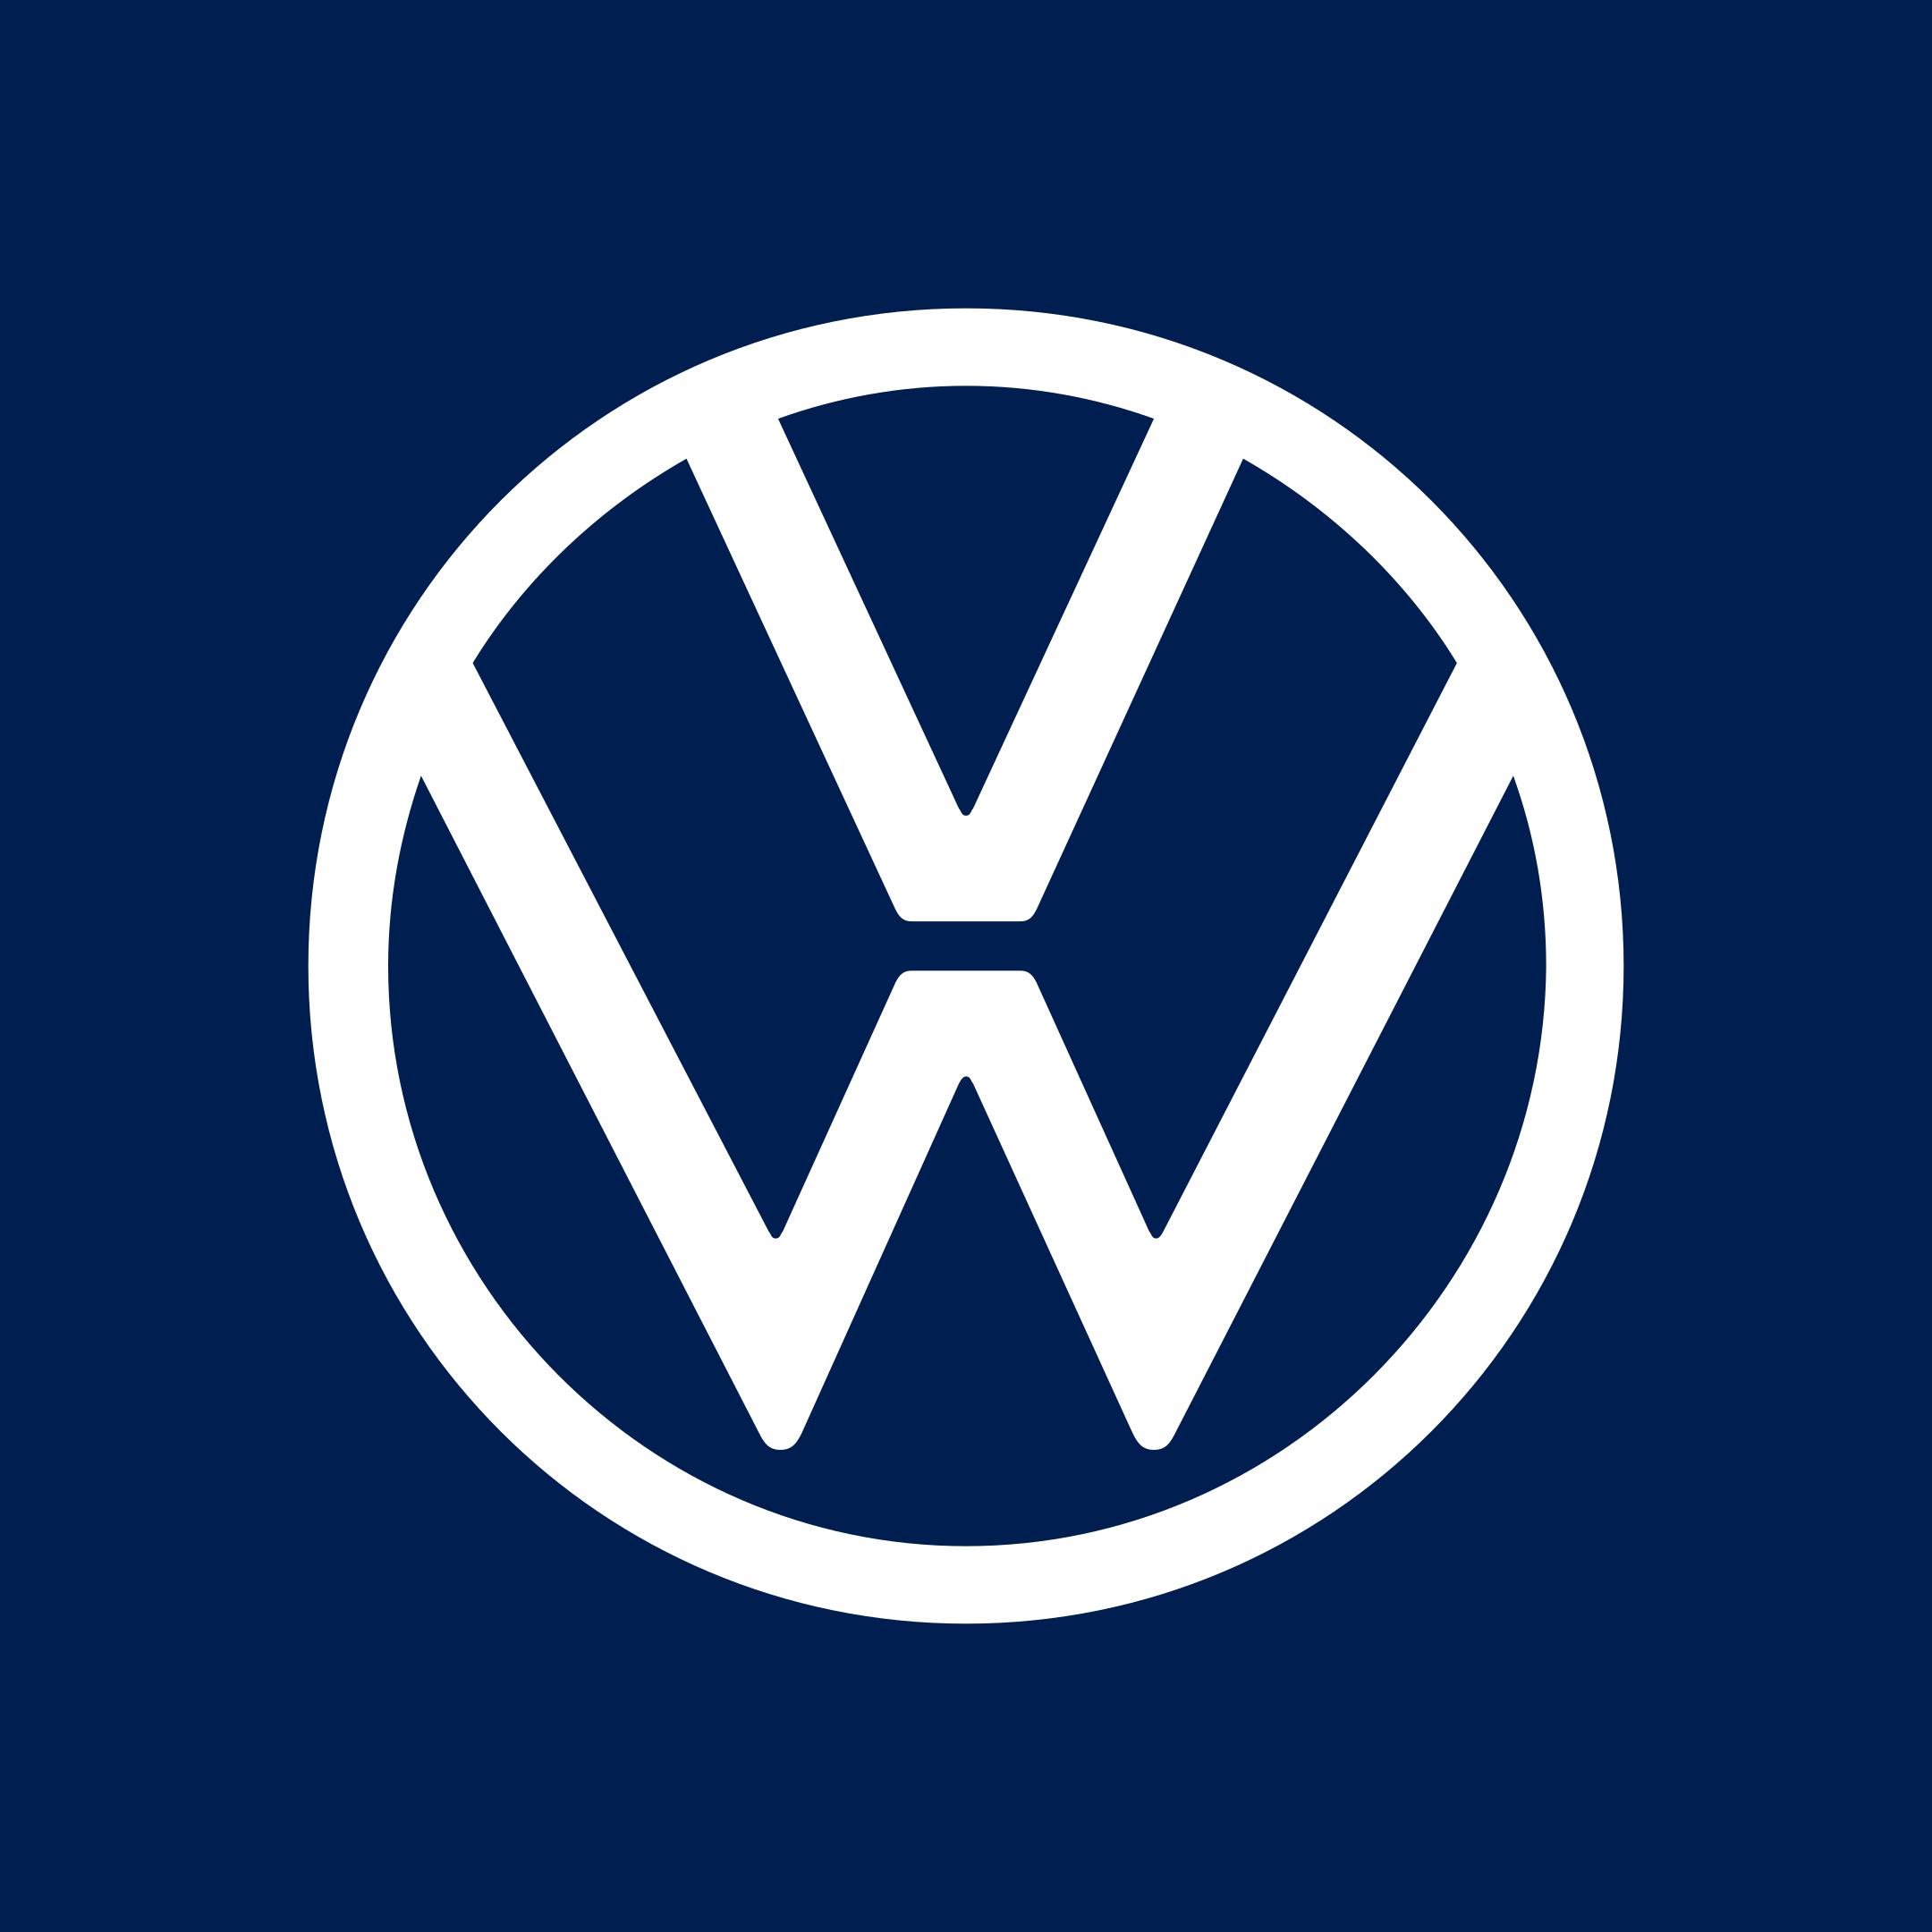 volkswagen logo 9 - Volkswagen Logo - VW Logo